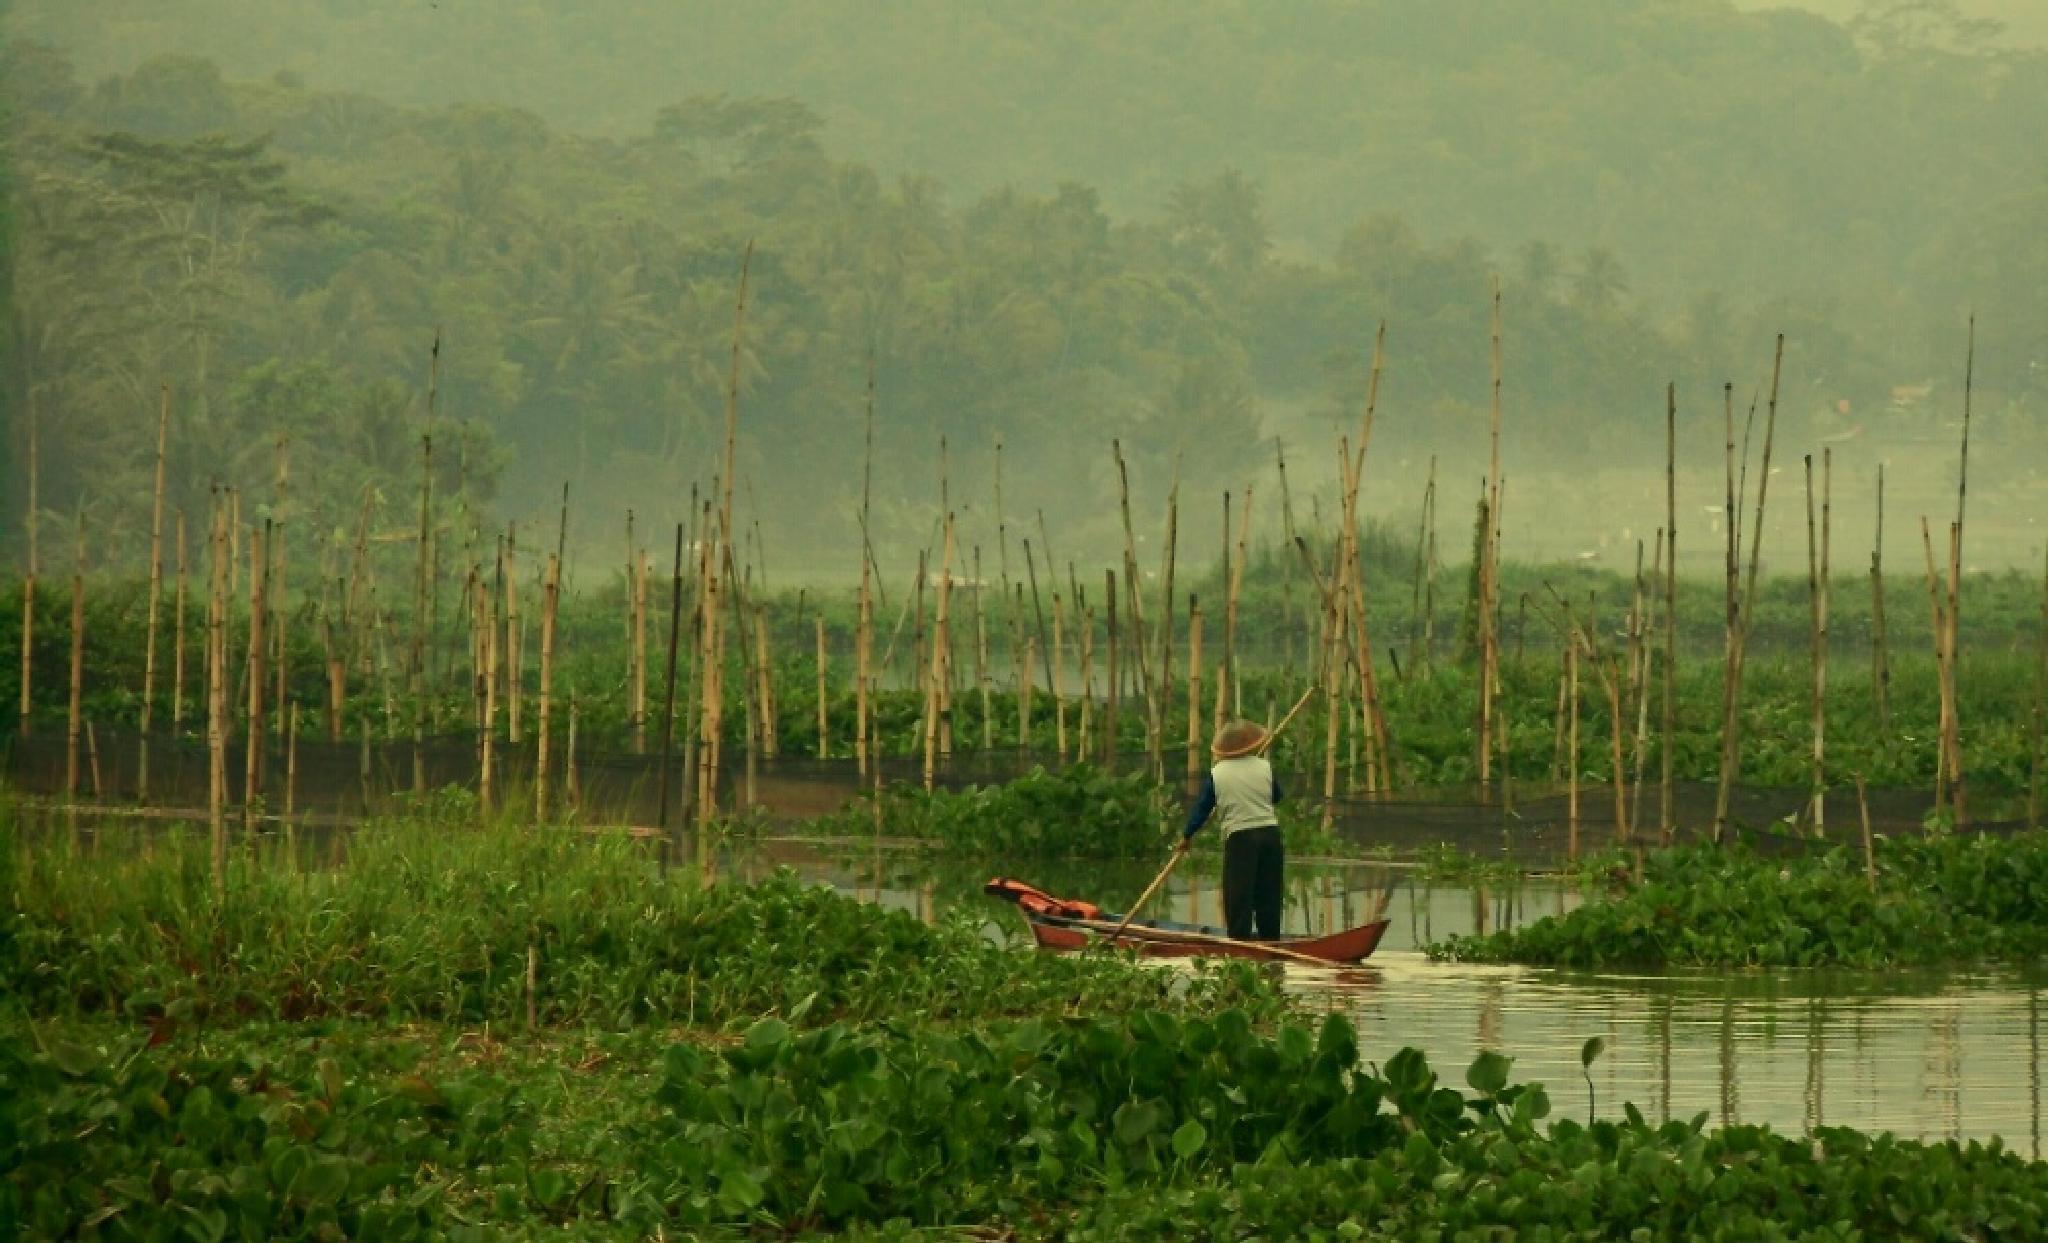 swamp fishing activities by suhartono